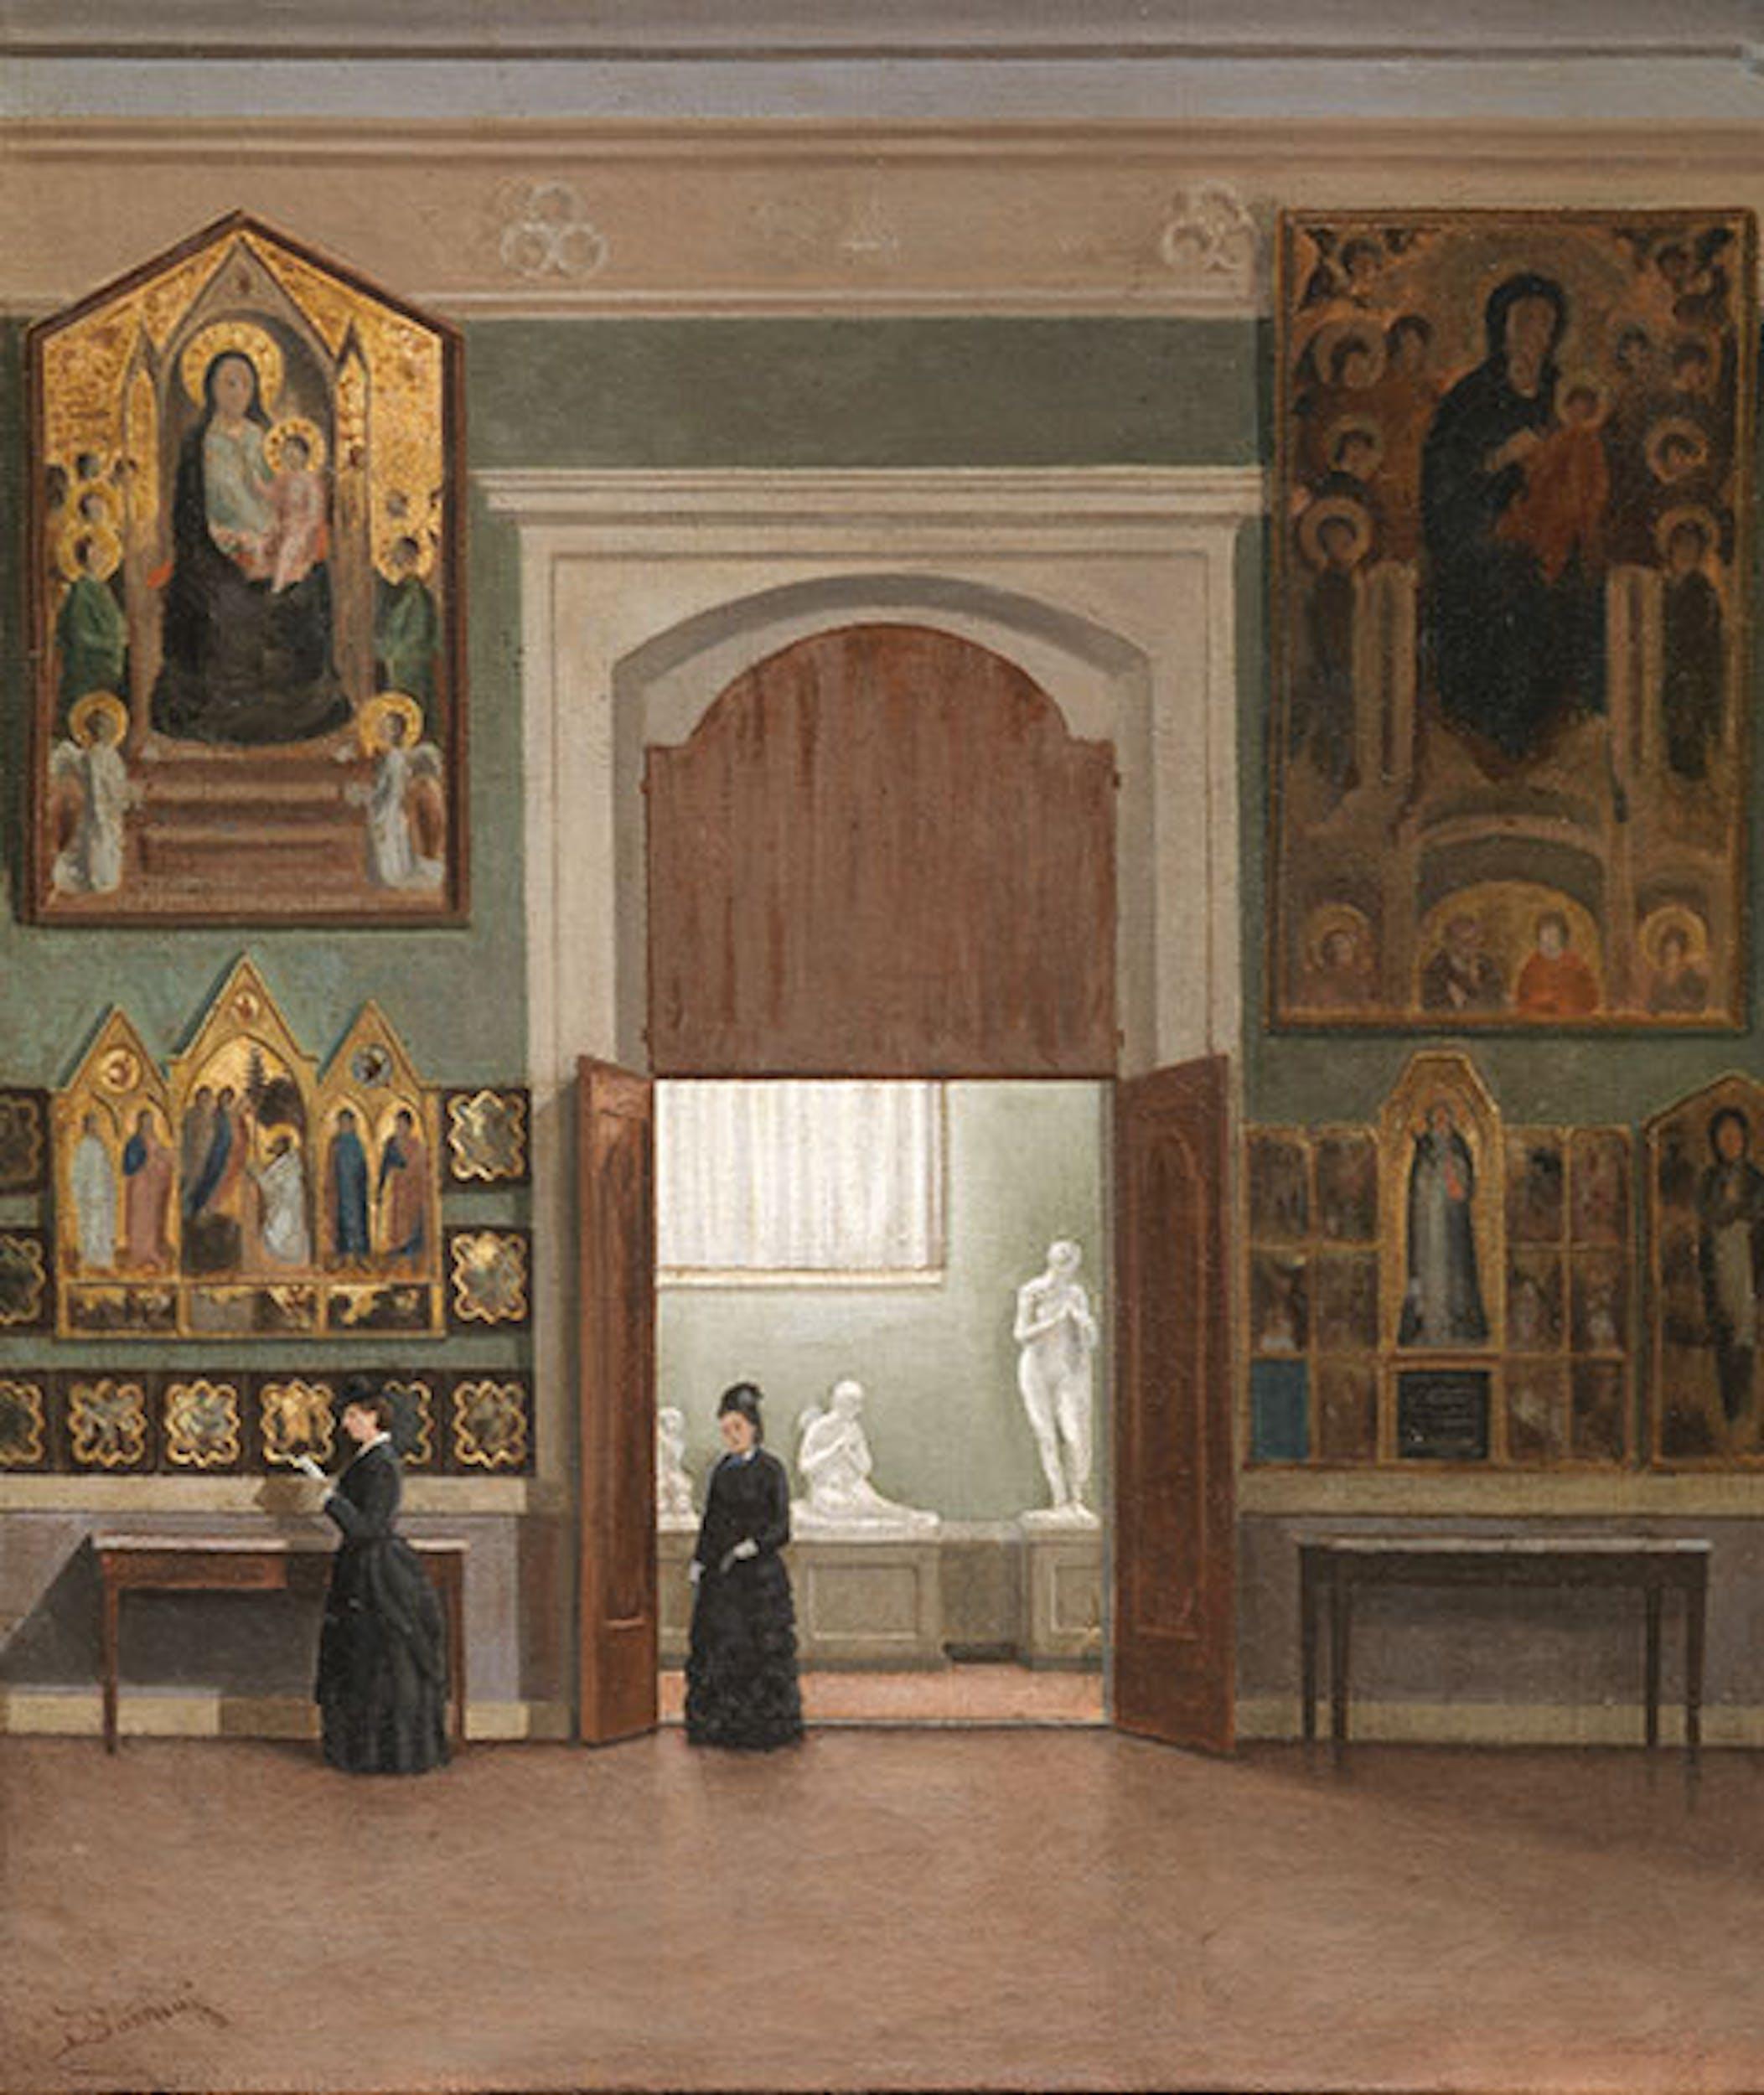 Odoardo Borrani (Pisa 1833 – Firenze 1905) Alla Galleria dell'Accademia, 1960-1870 Olio su tela, cm 42x37 Inv. 1890/10107